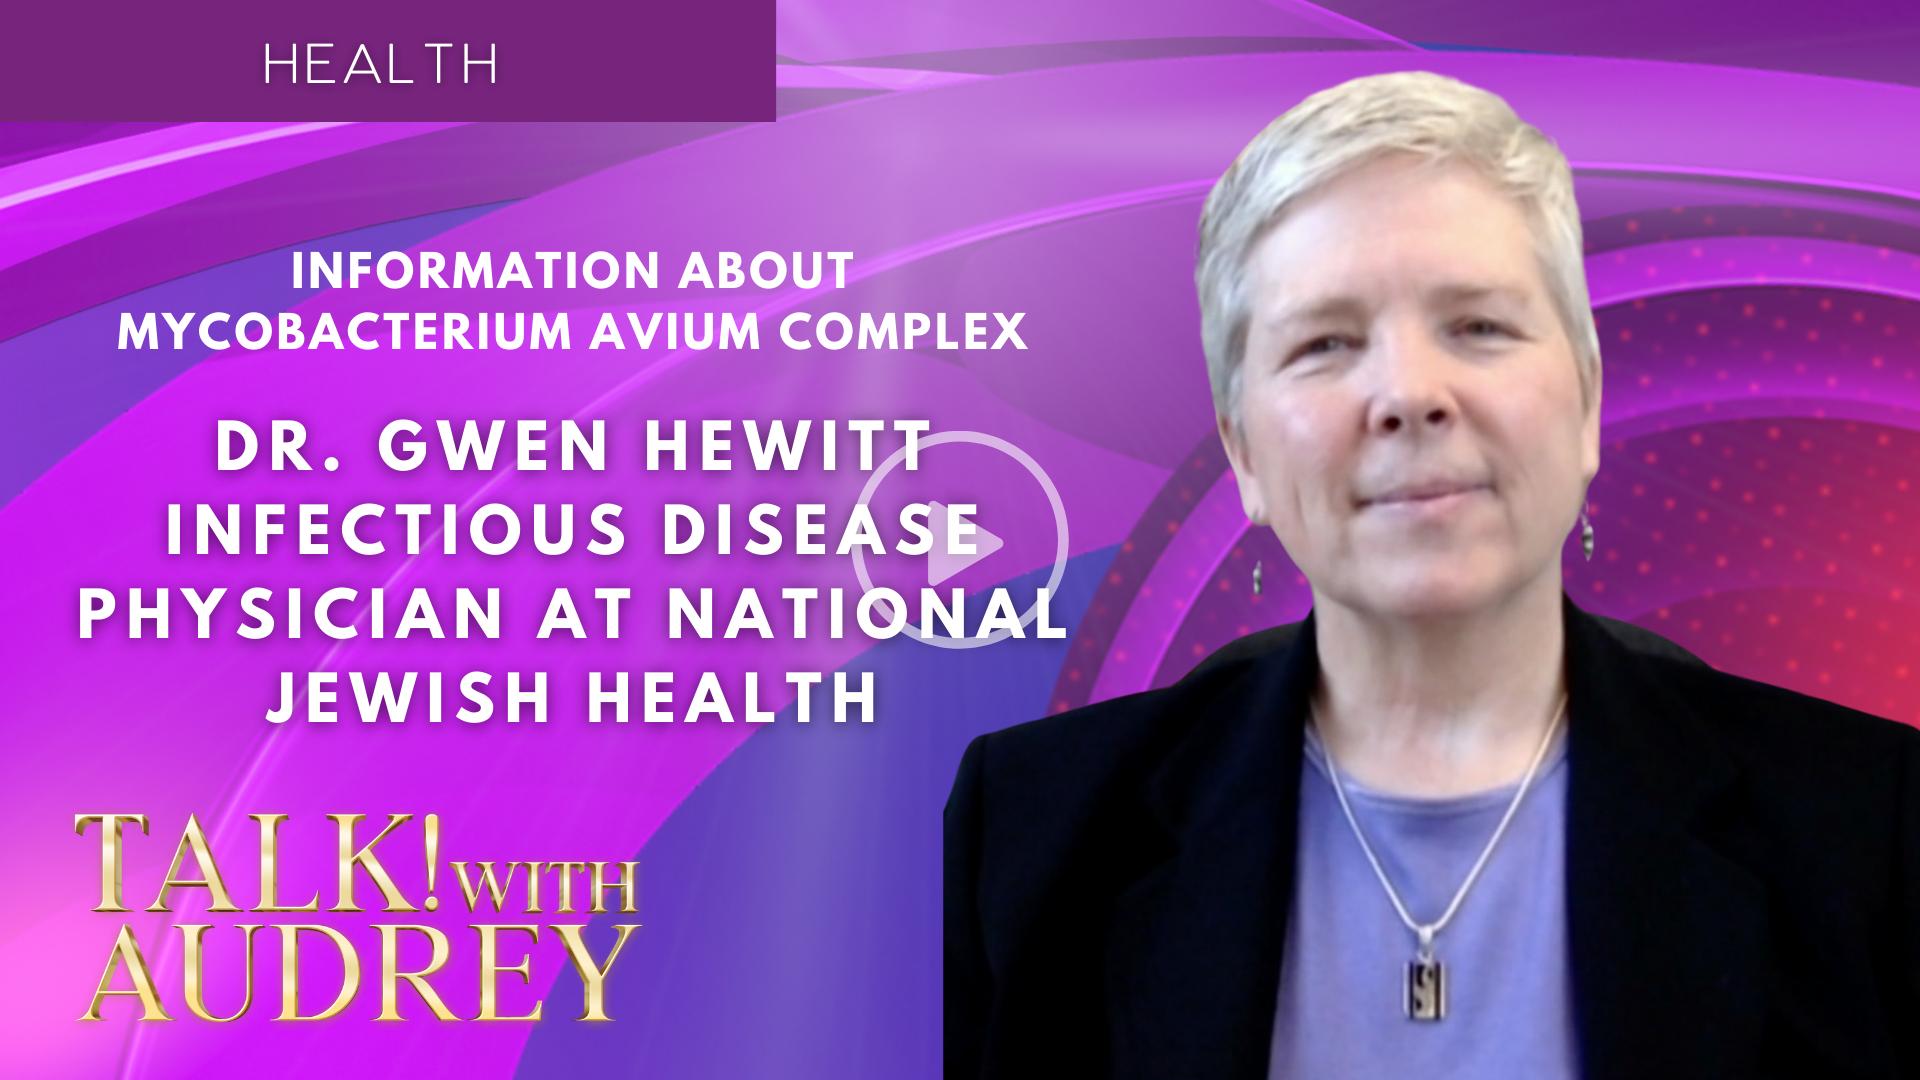 Dr. Gwen Hewitt – Information About Mycobacterium Avium Complex